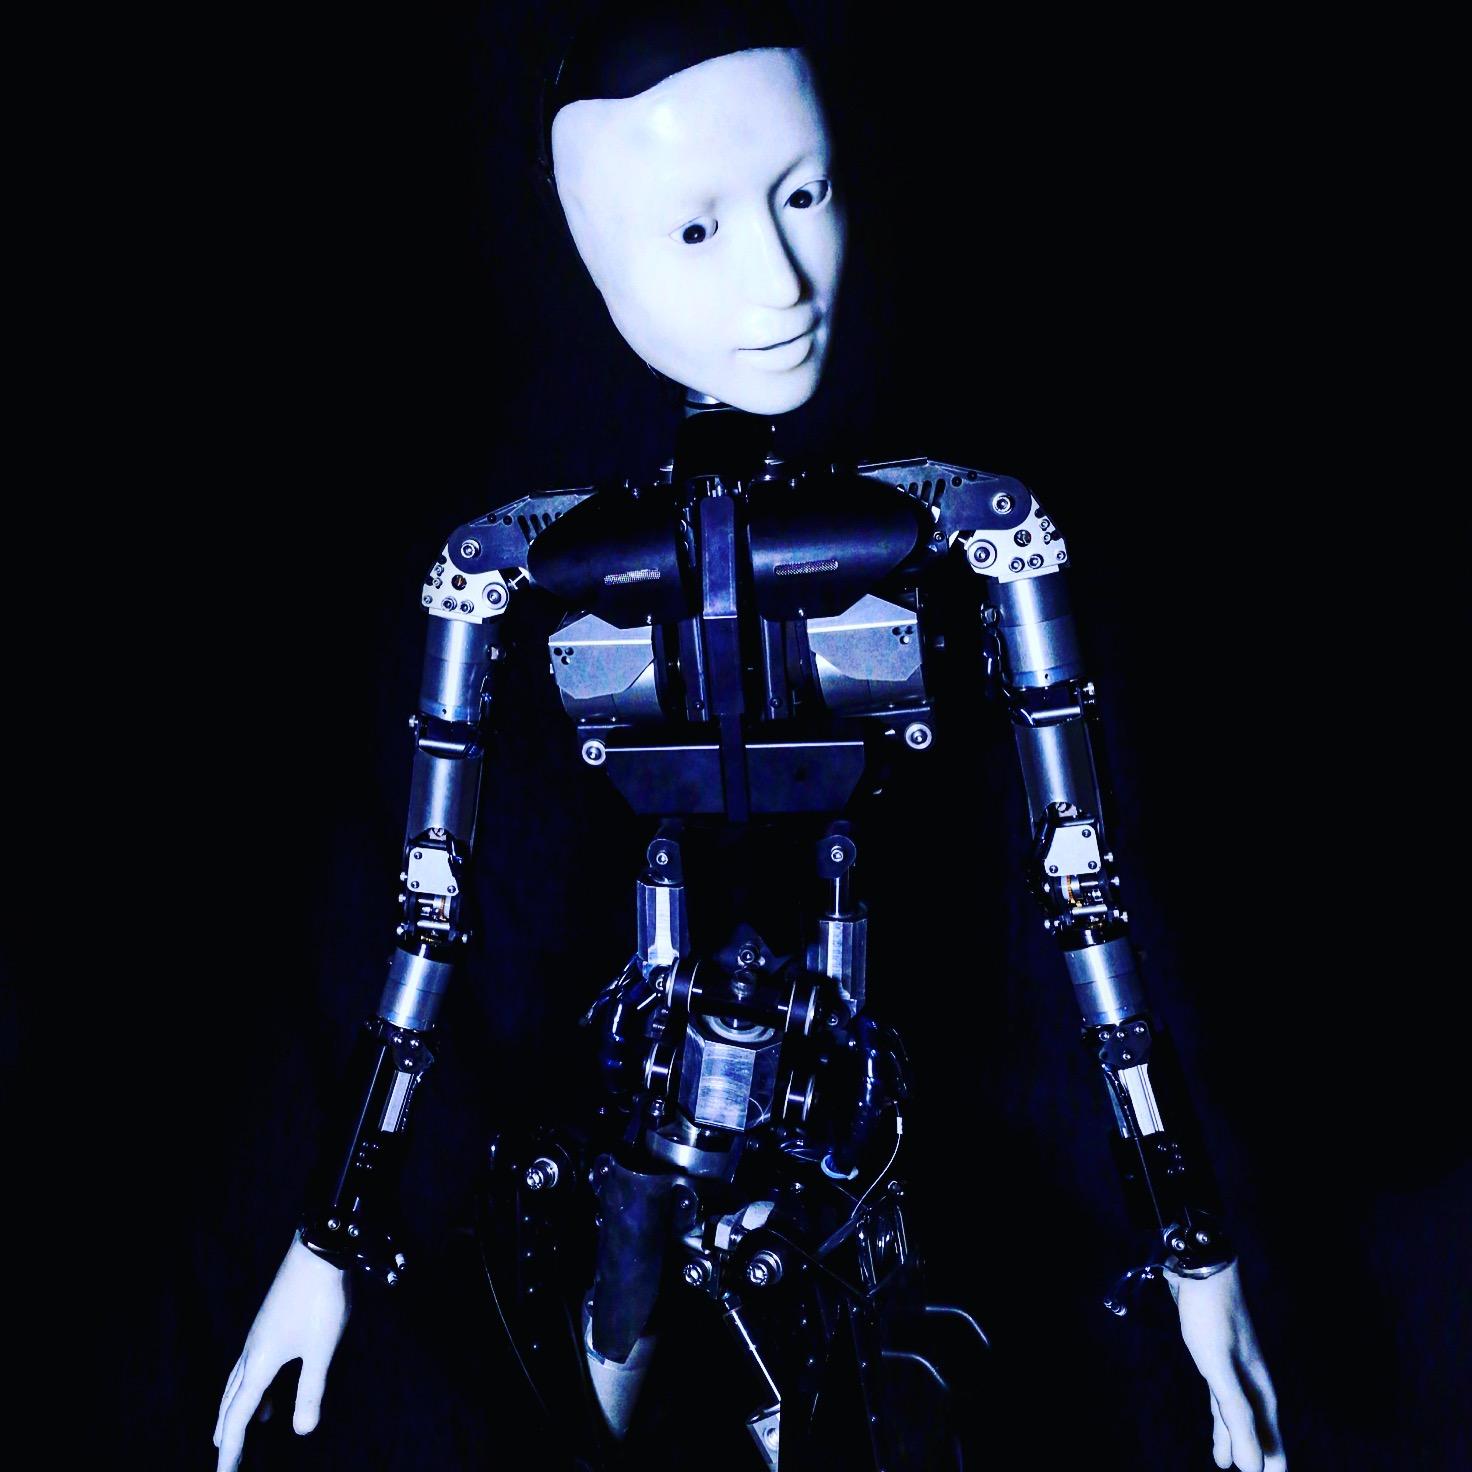 Skeleton - Ishiguro lab Osaka univiversity Justine Emard 2